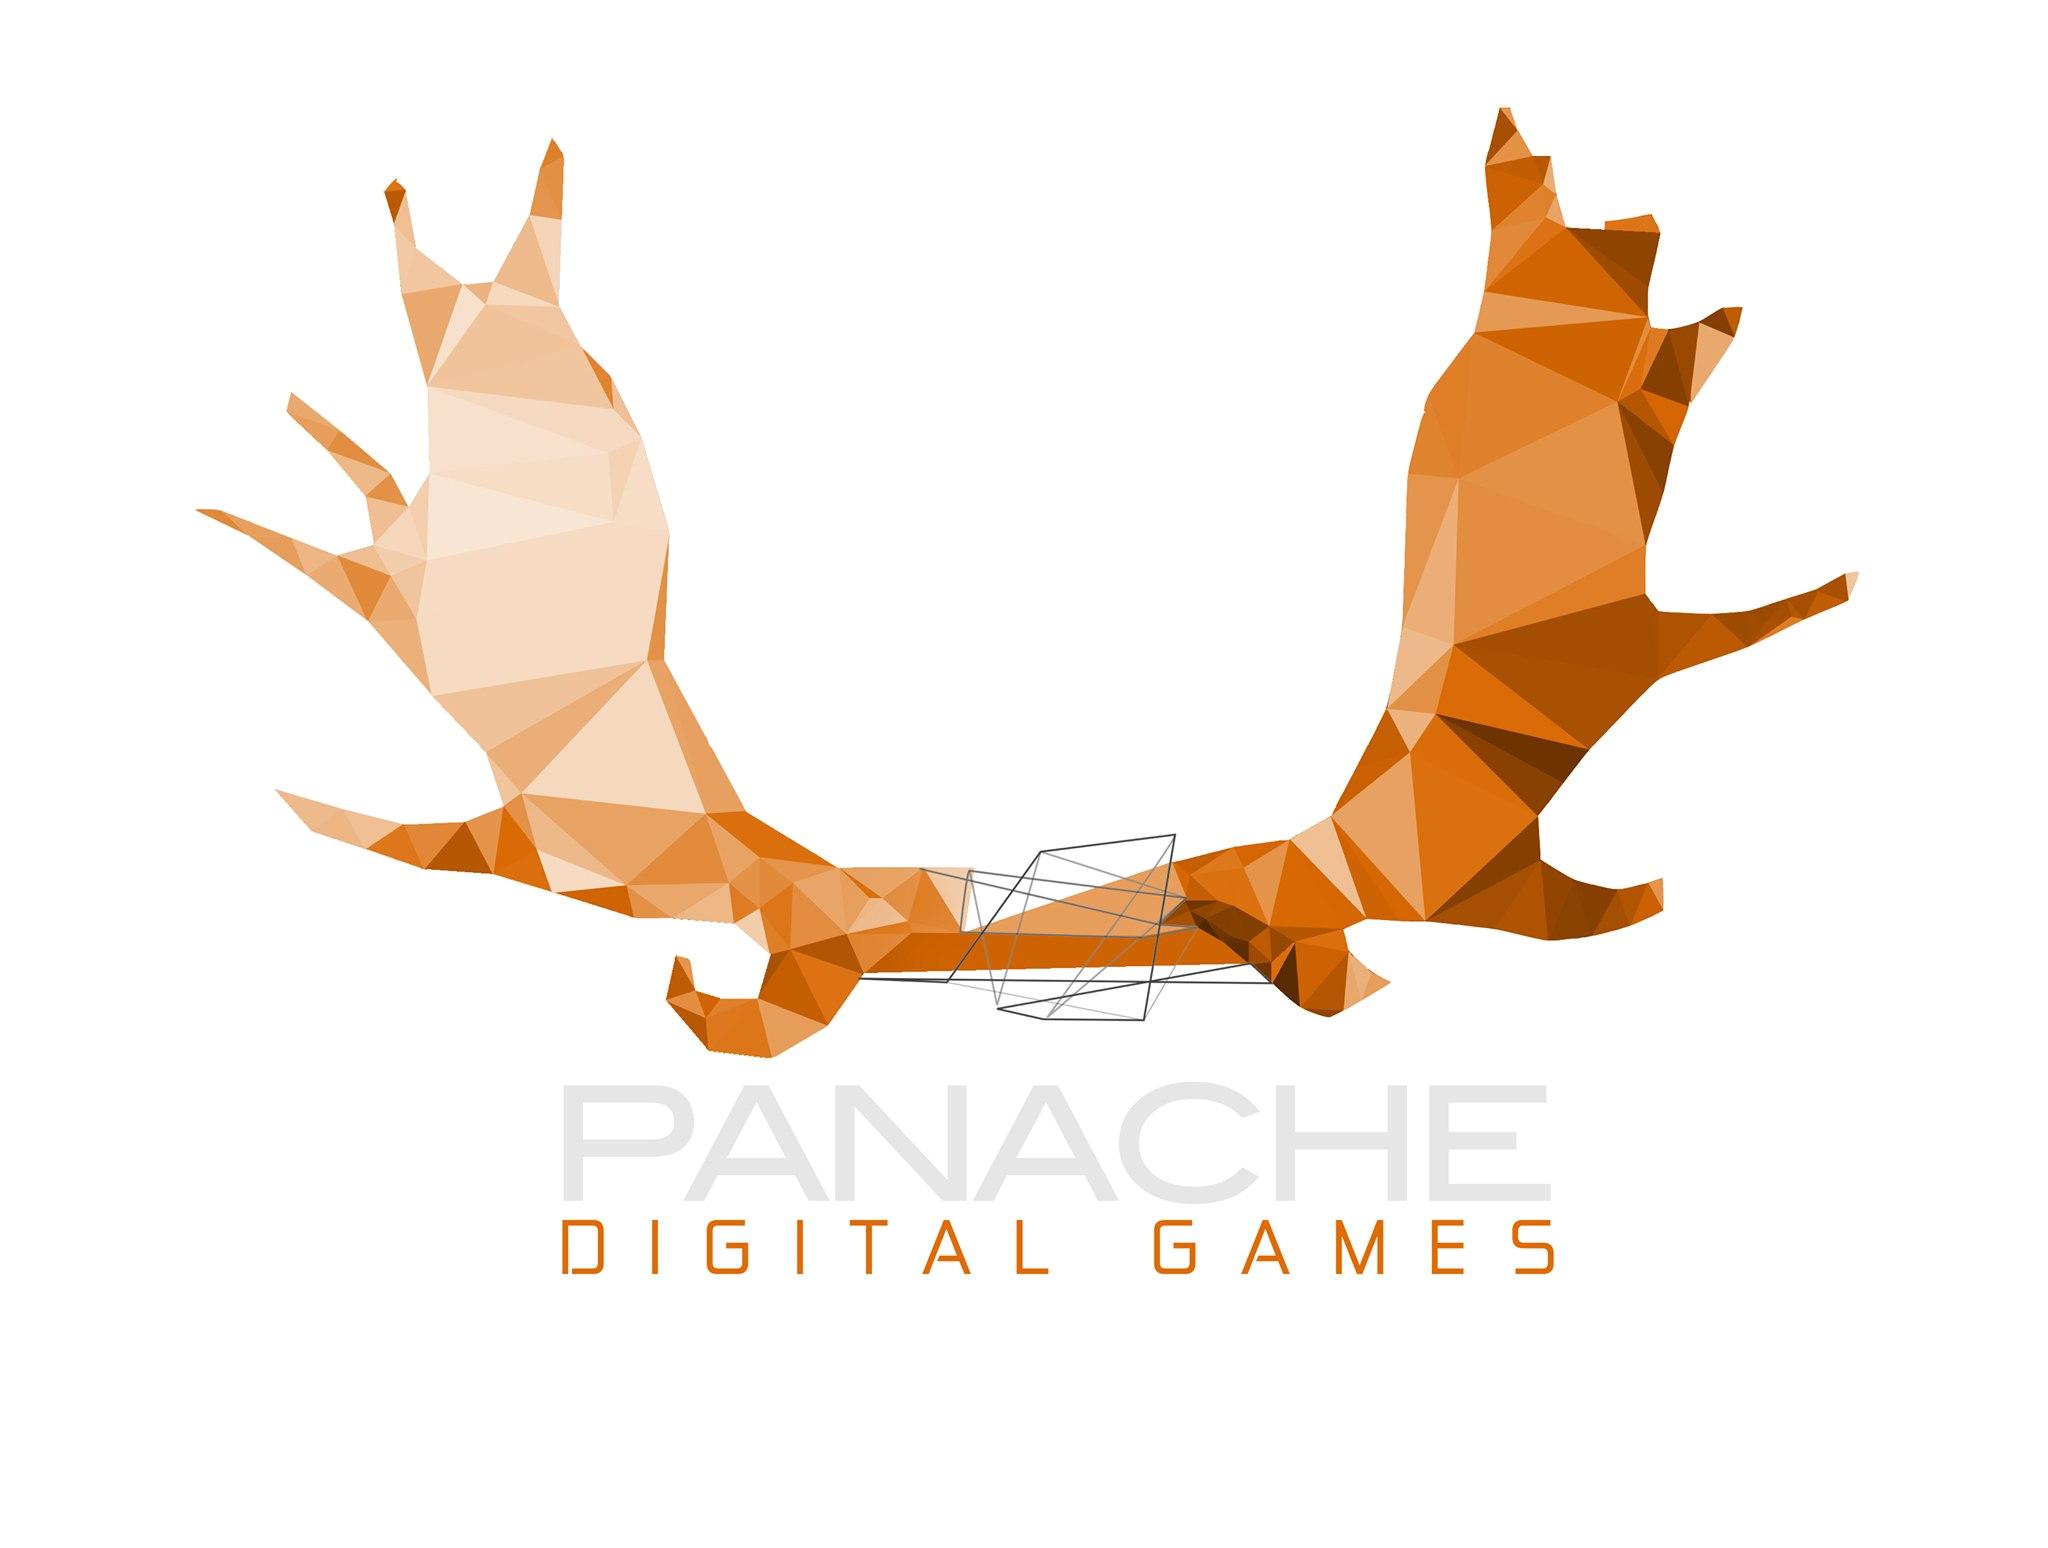 Oficjalny logotyp studia Panache Digital Games.